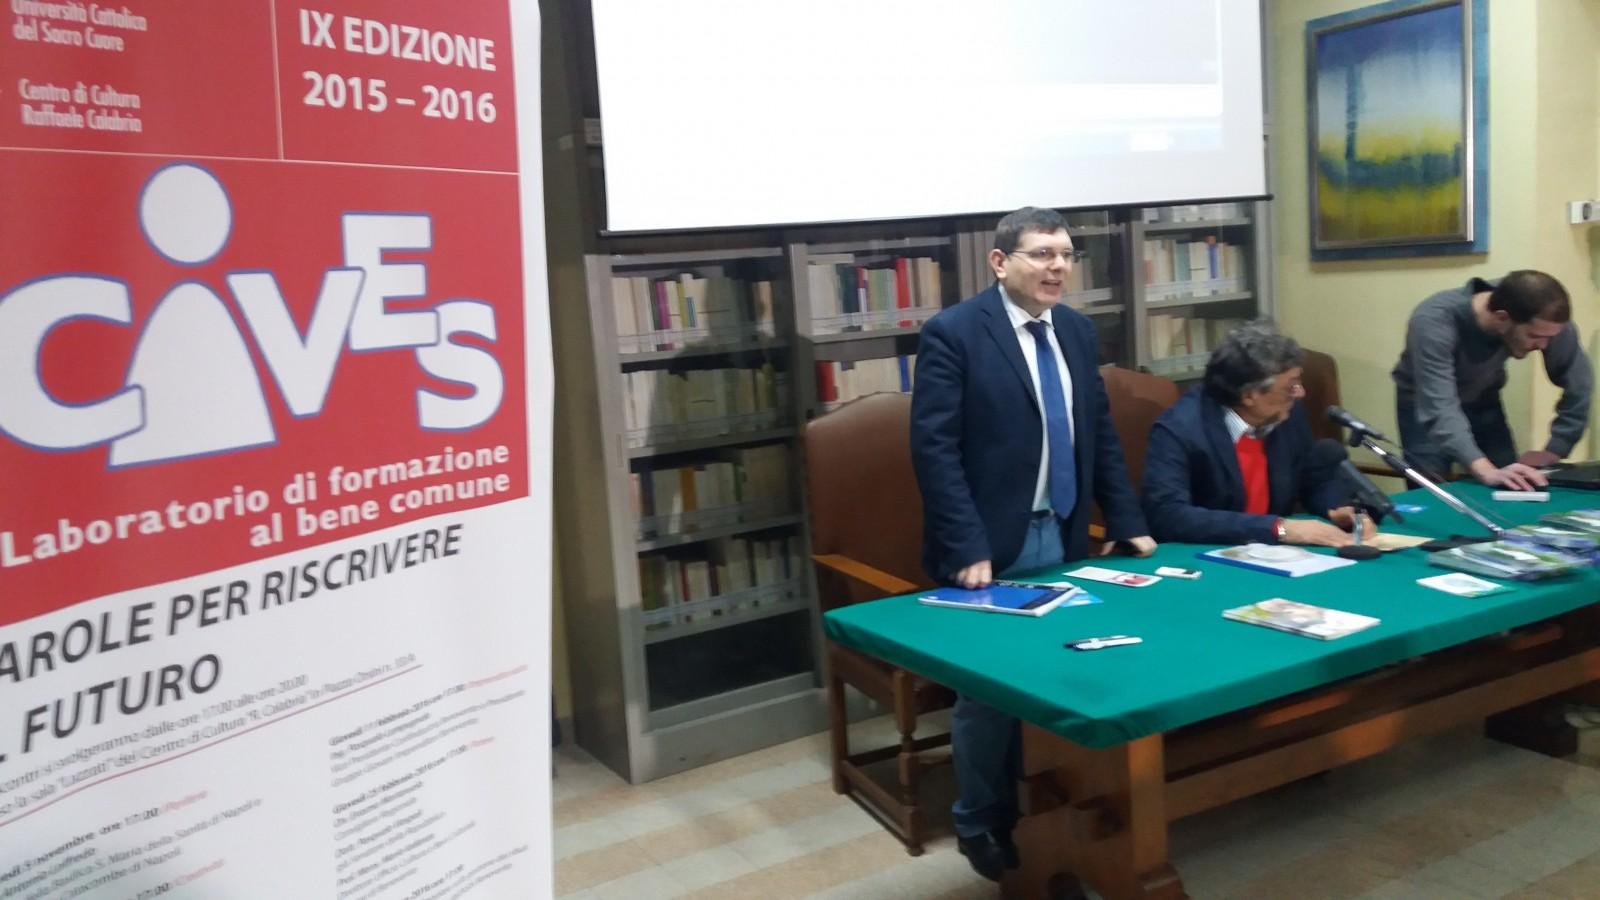 A Cives la gestione dei rifiuti a Benevento